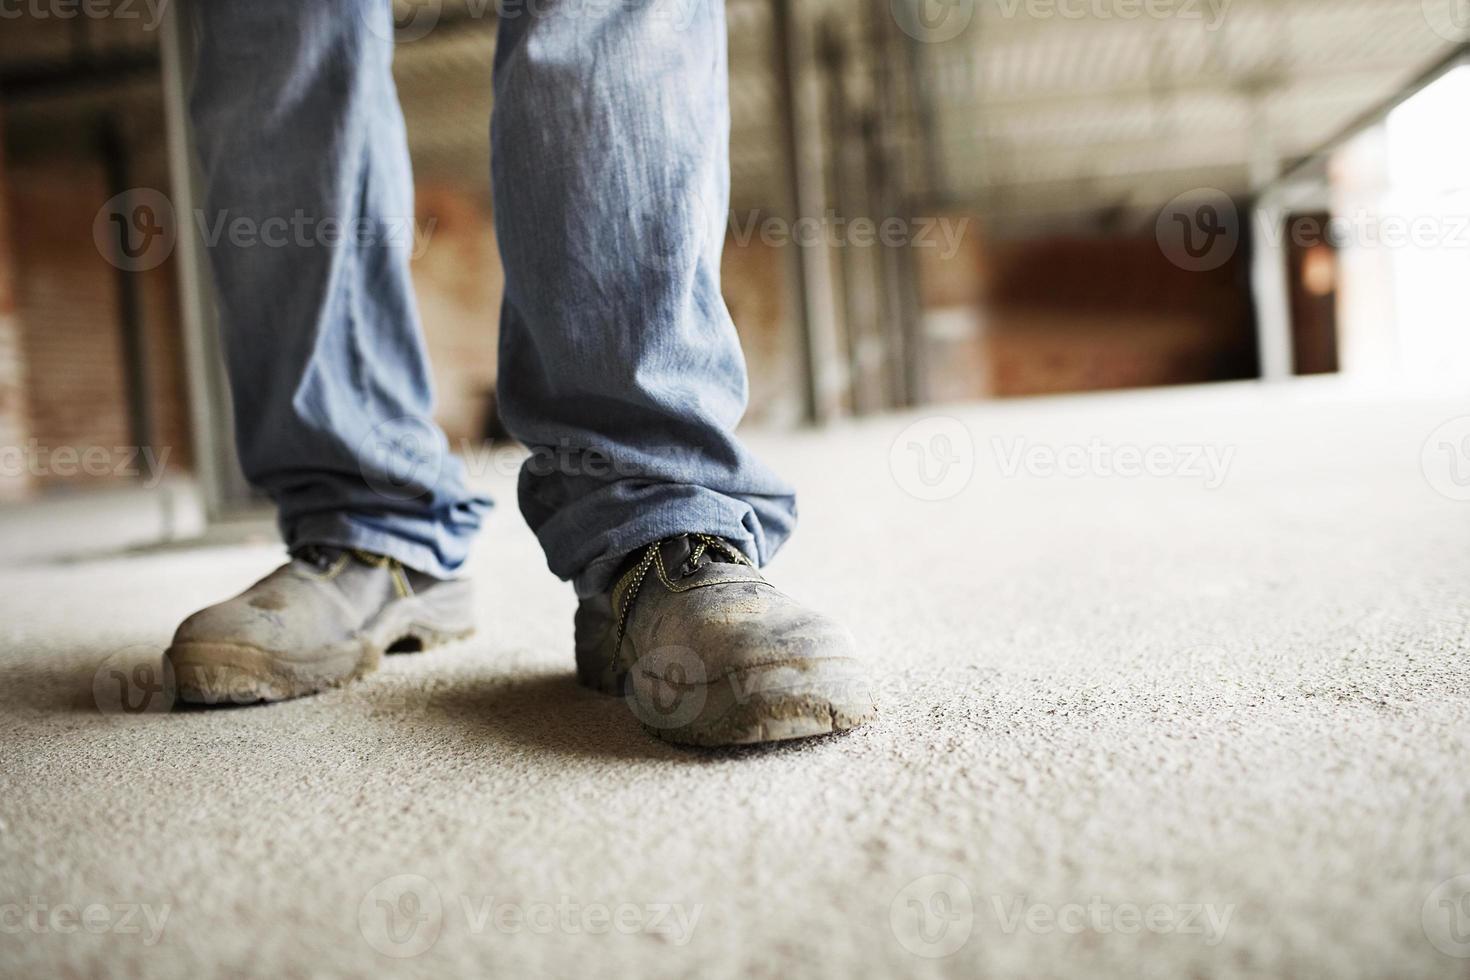 männliche Bauarbeiter Beine foto